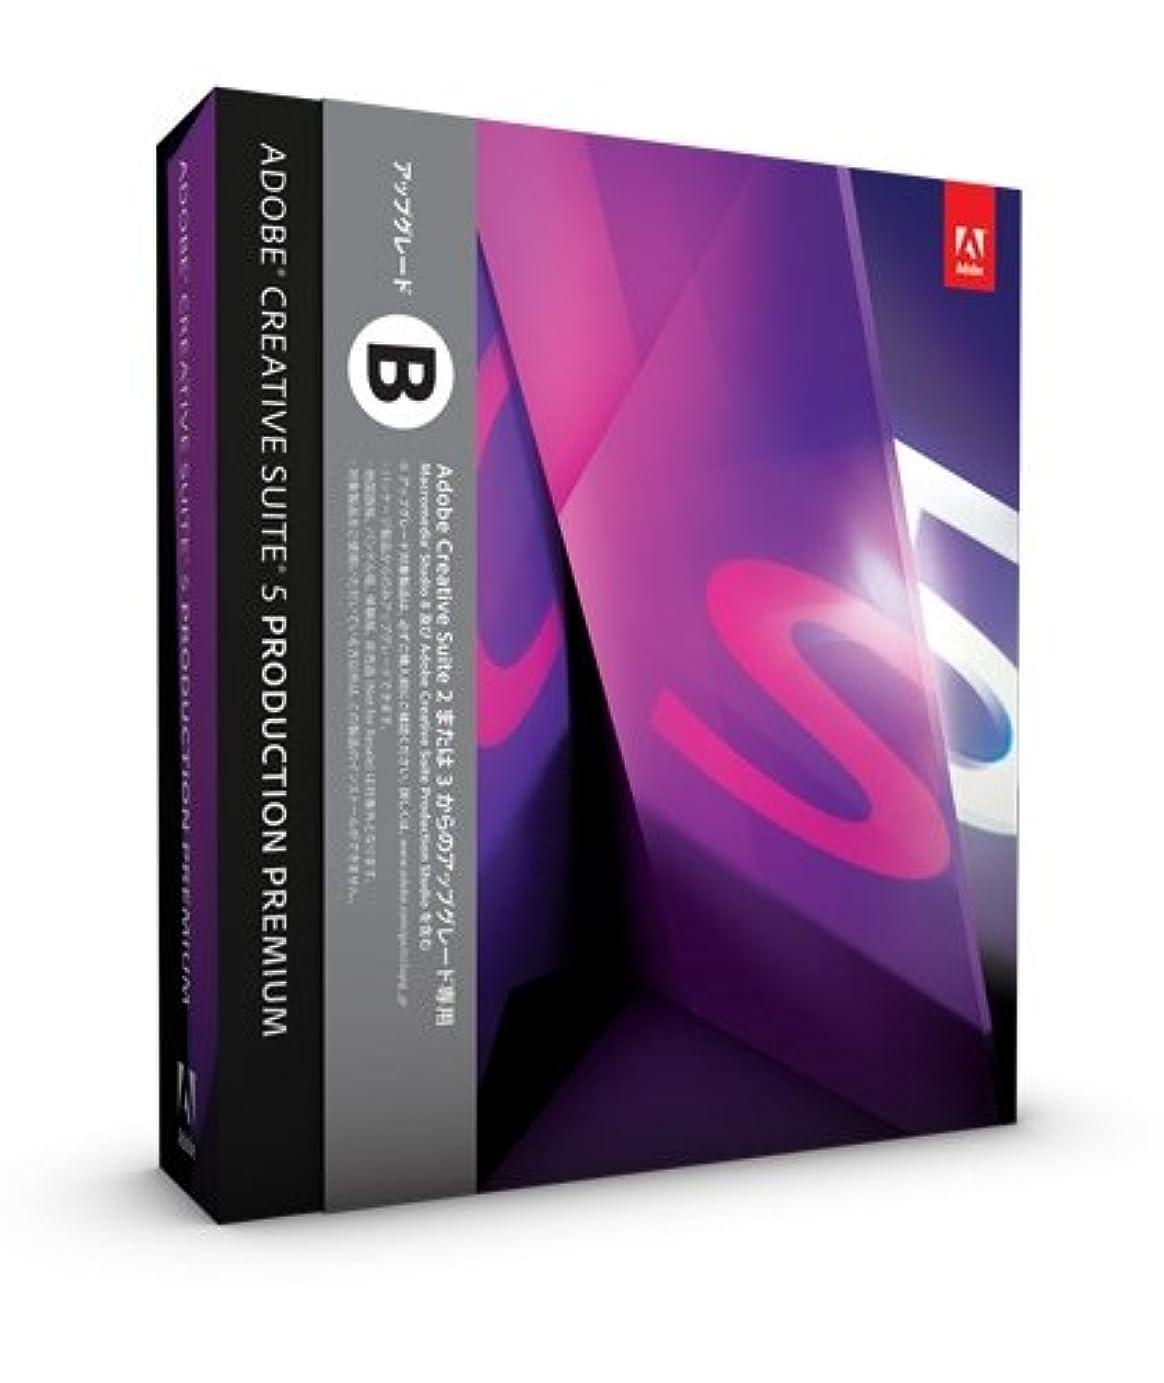 鏡抽象化芸術的Adobe Creative Suite 5 Production Premium アップグレード版B Macintosh版 (旧製品)